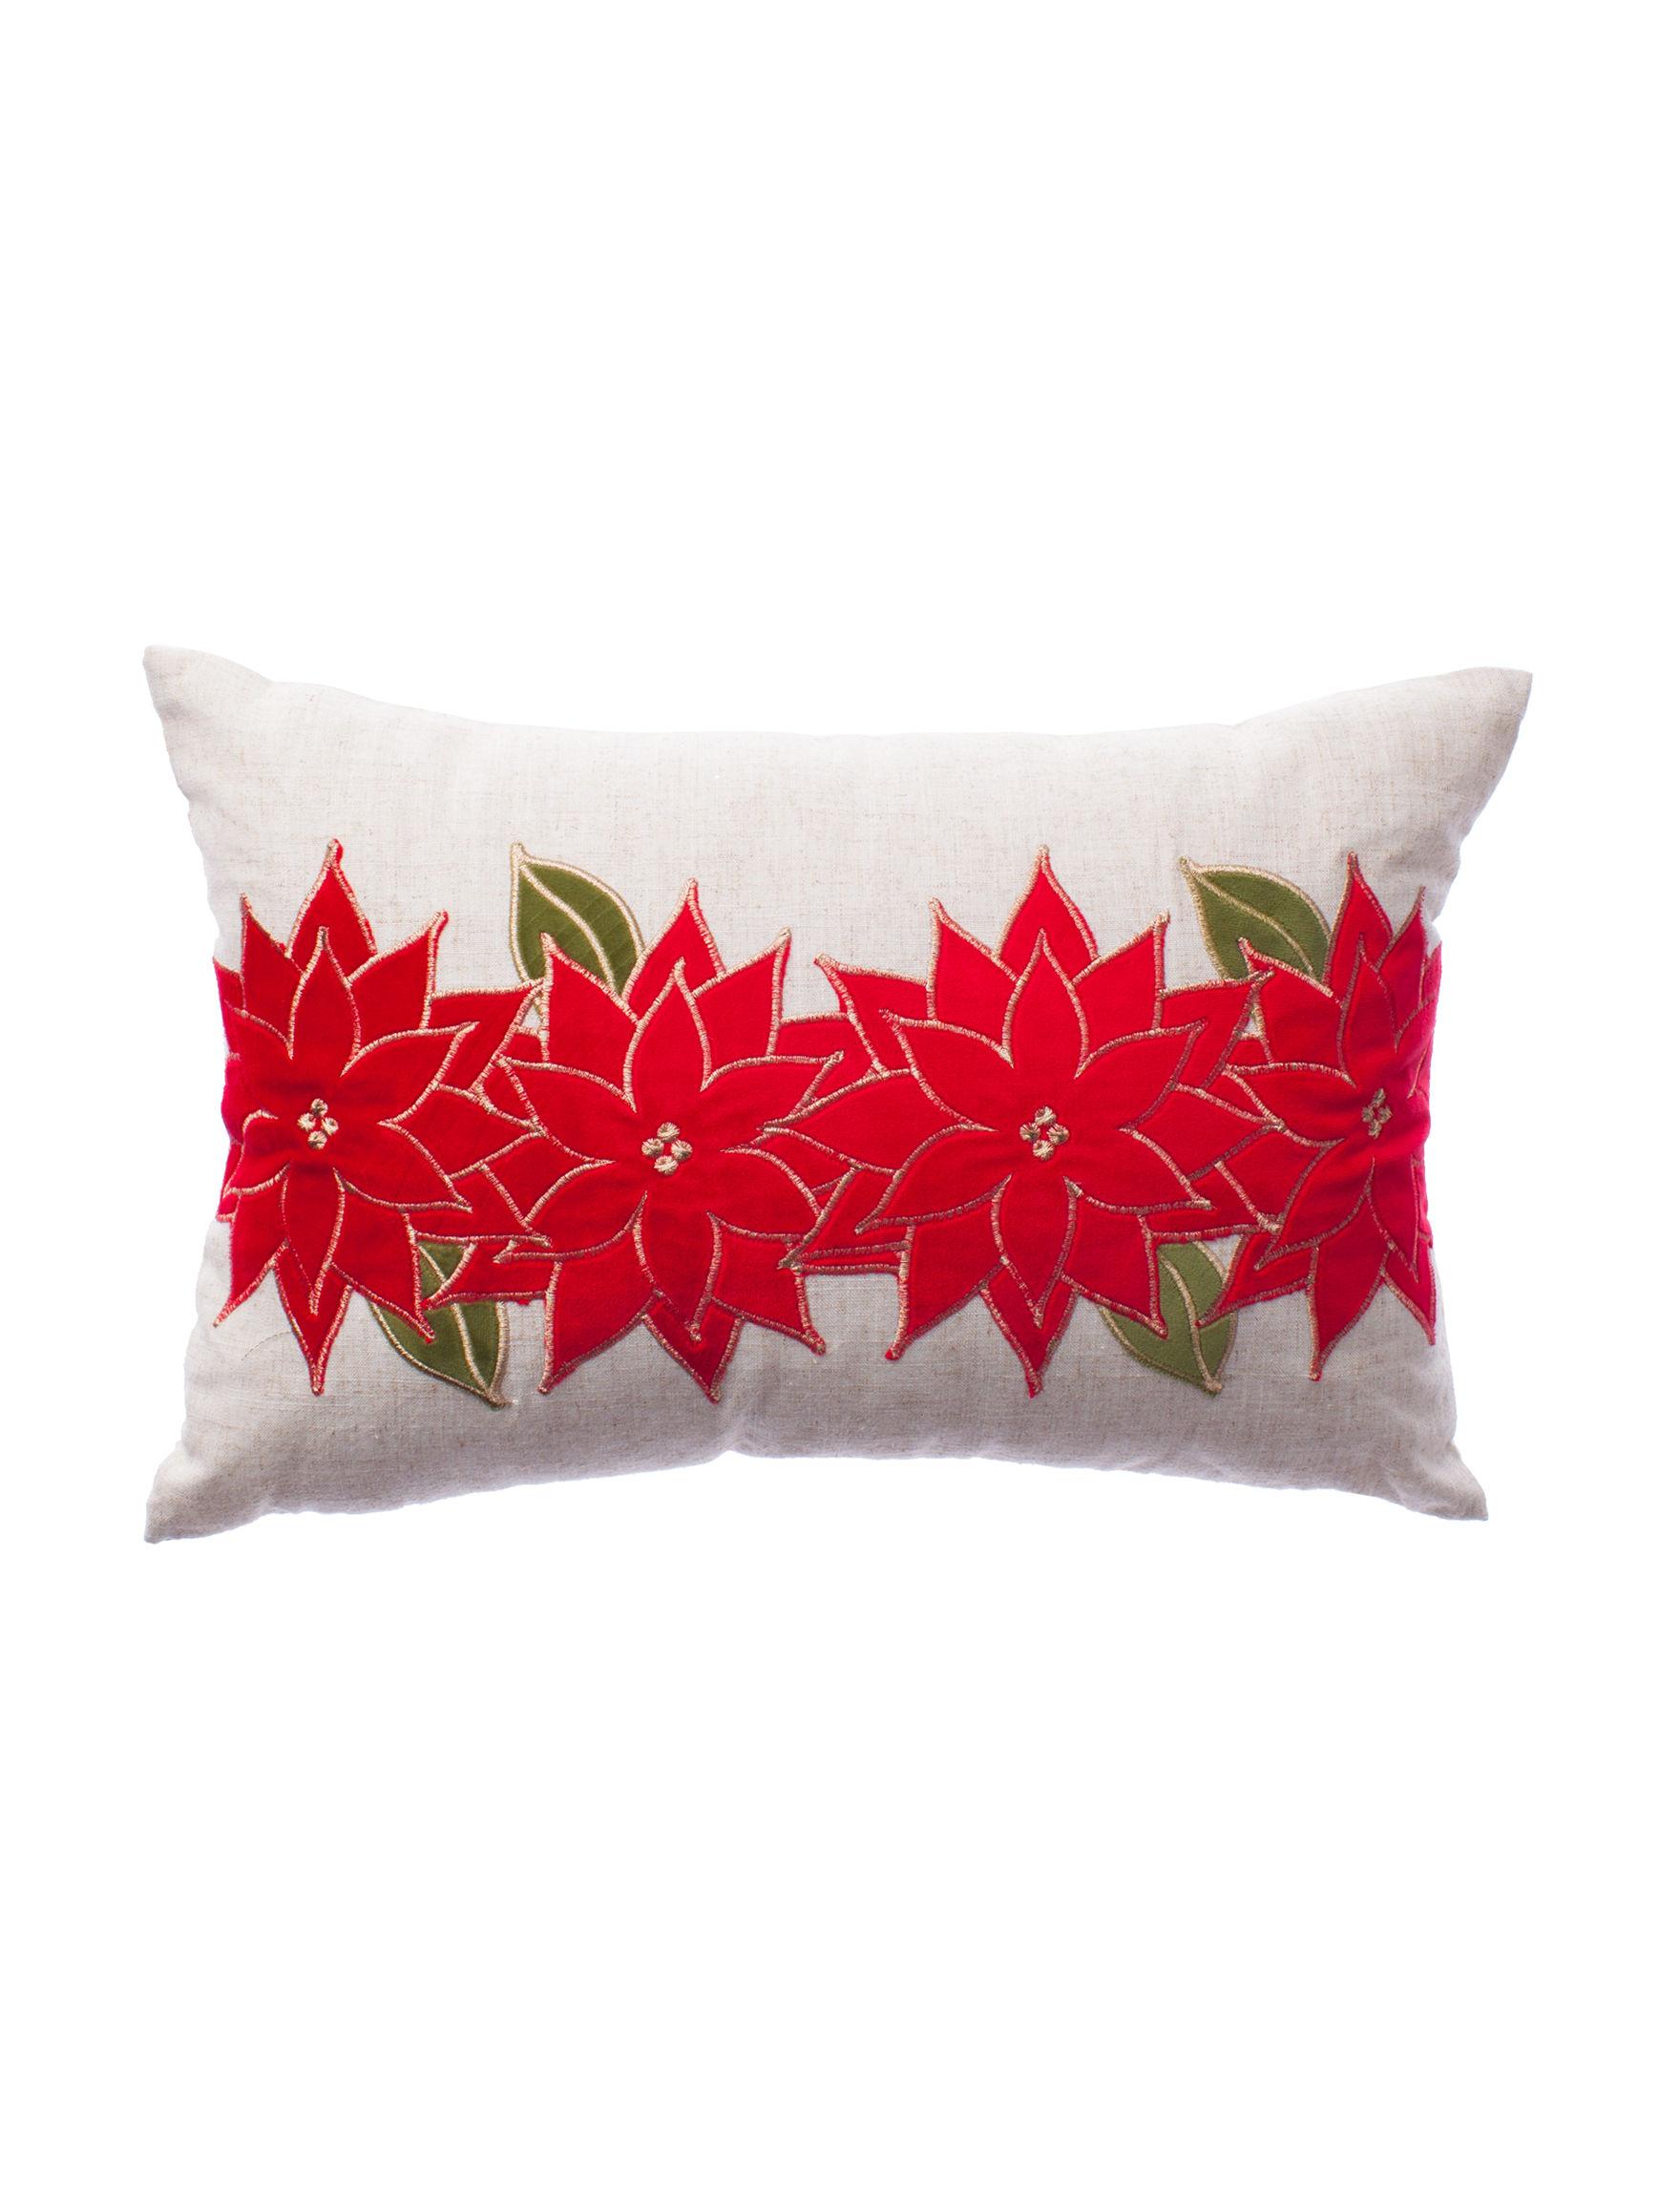 Deco Brown Multi Decorative Pillows